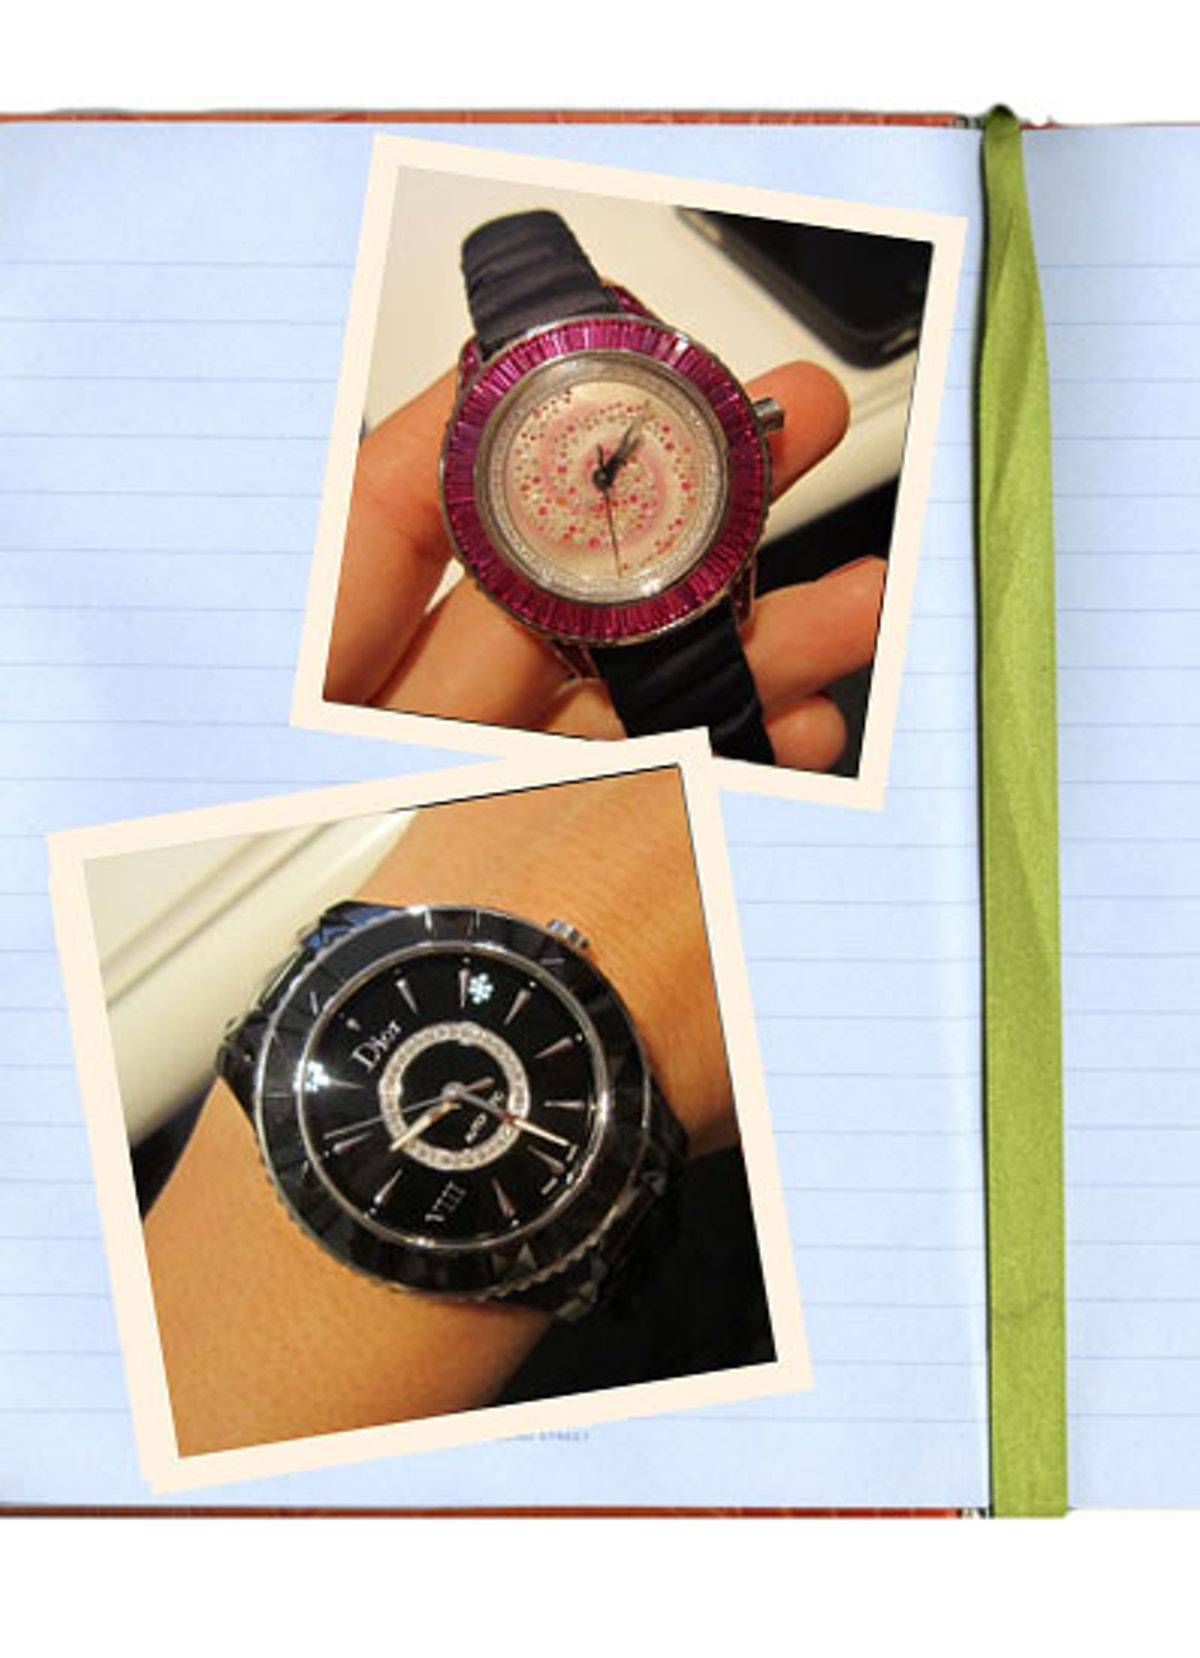 acss-basel-watch-fair-04-v.jpg